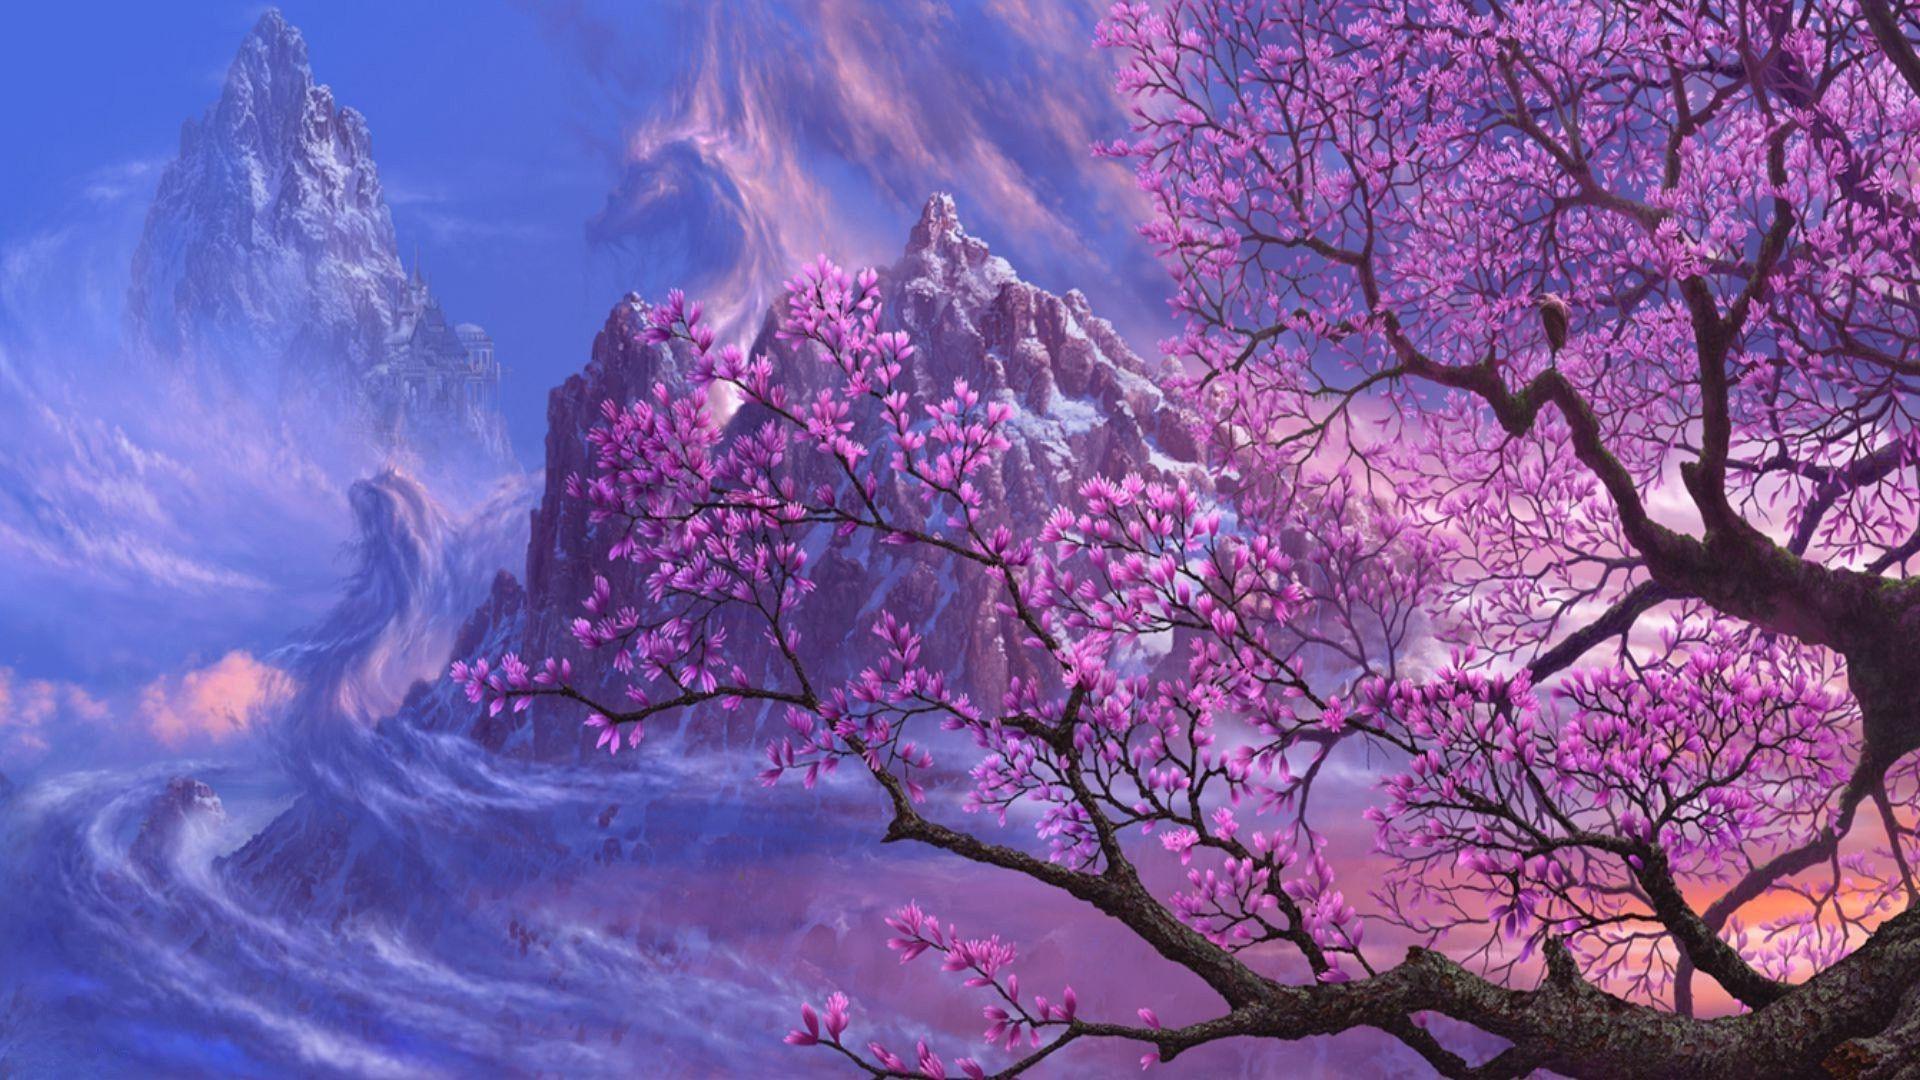 Cool Wallpaper Mountain Fantasy - 650bbbd52ef343a65e4b0828e02842cb  2018_918485.jpg